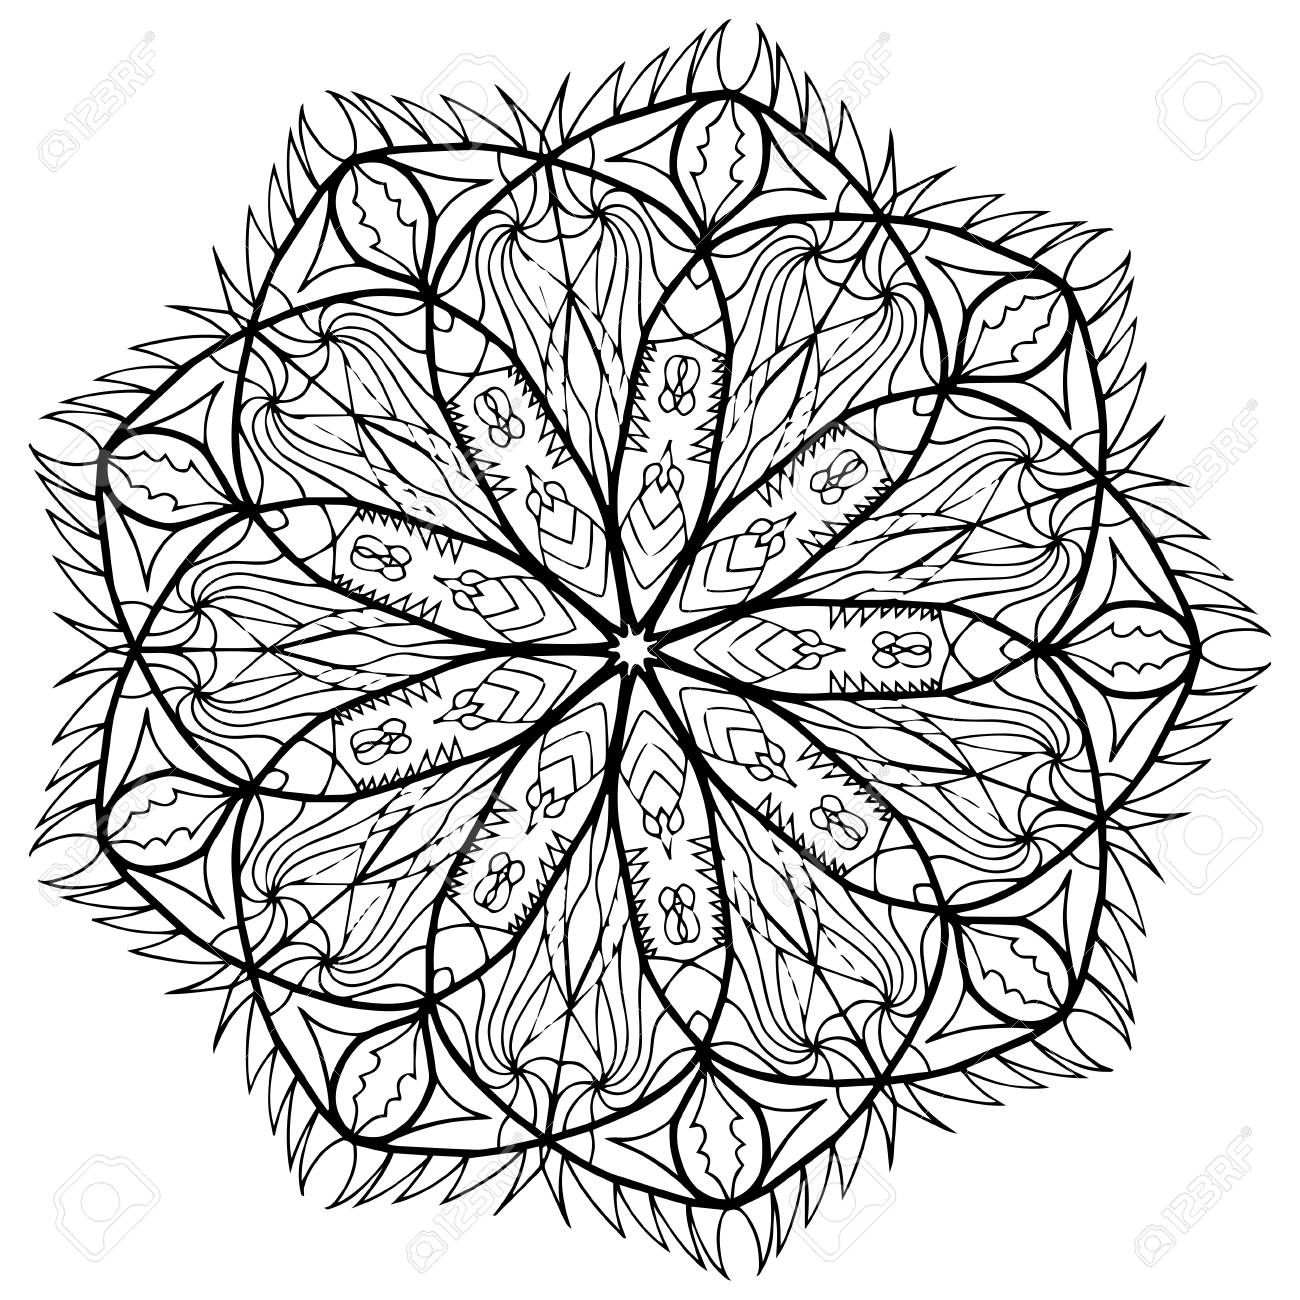 Patrón De Mandala De Flores Para Colorear Páginas De Libros. Diseño ...